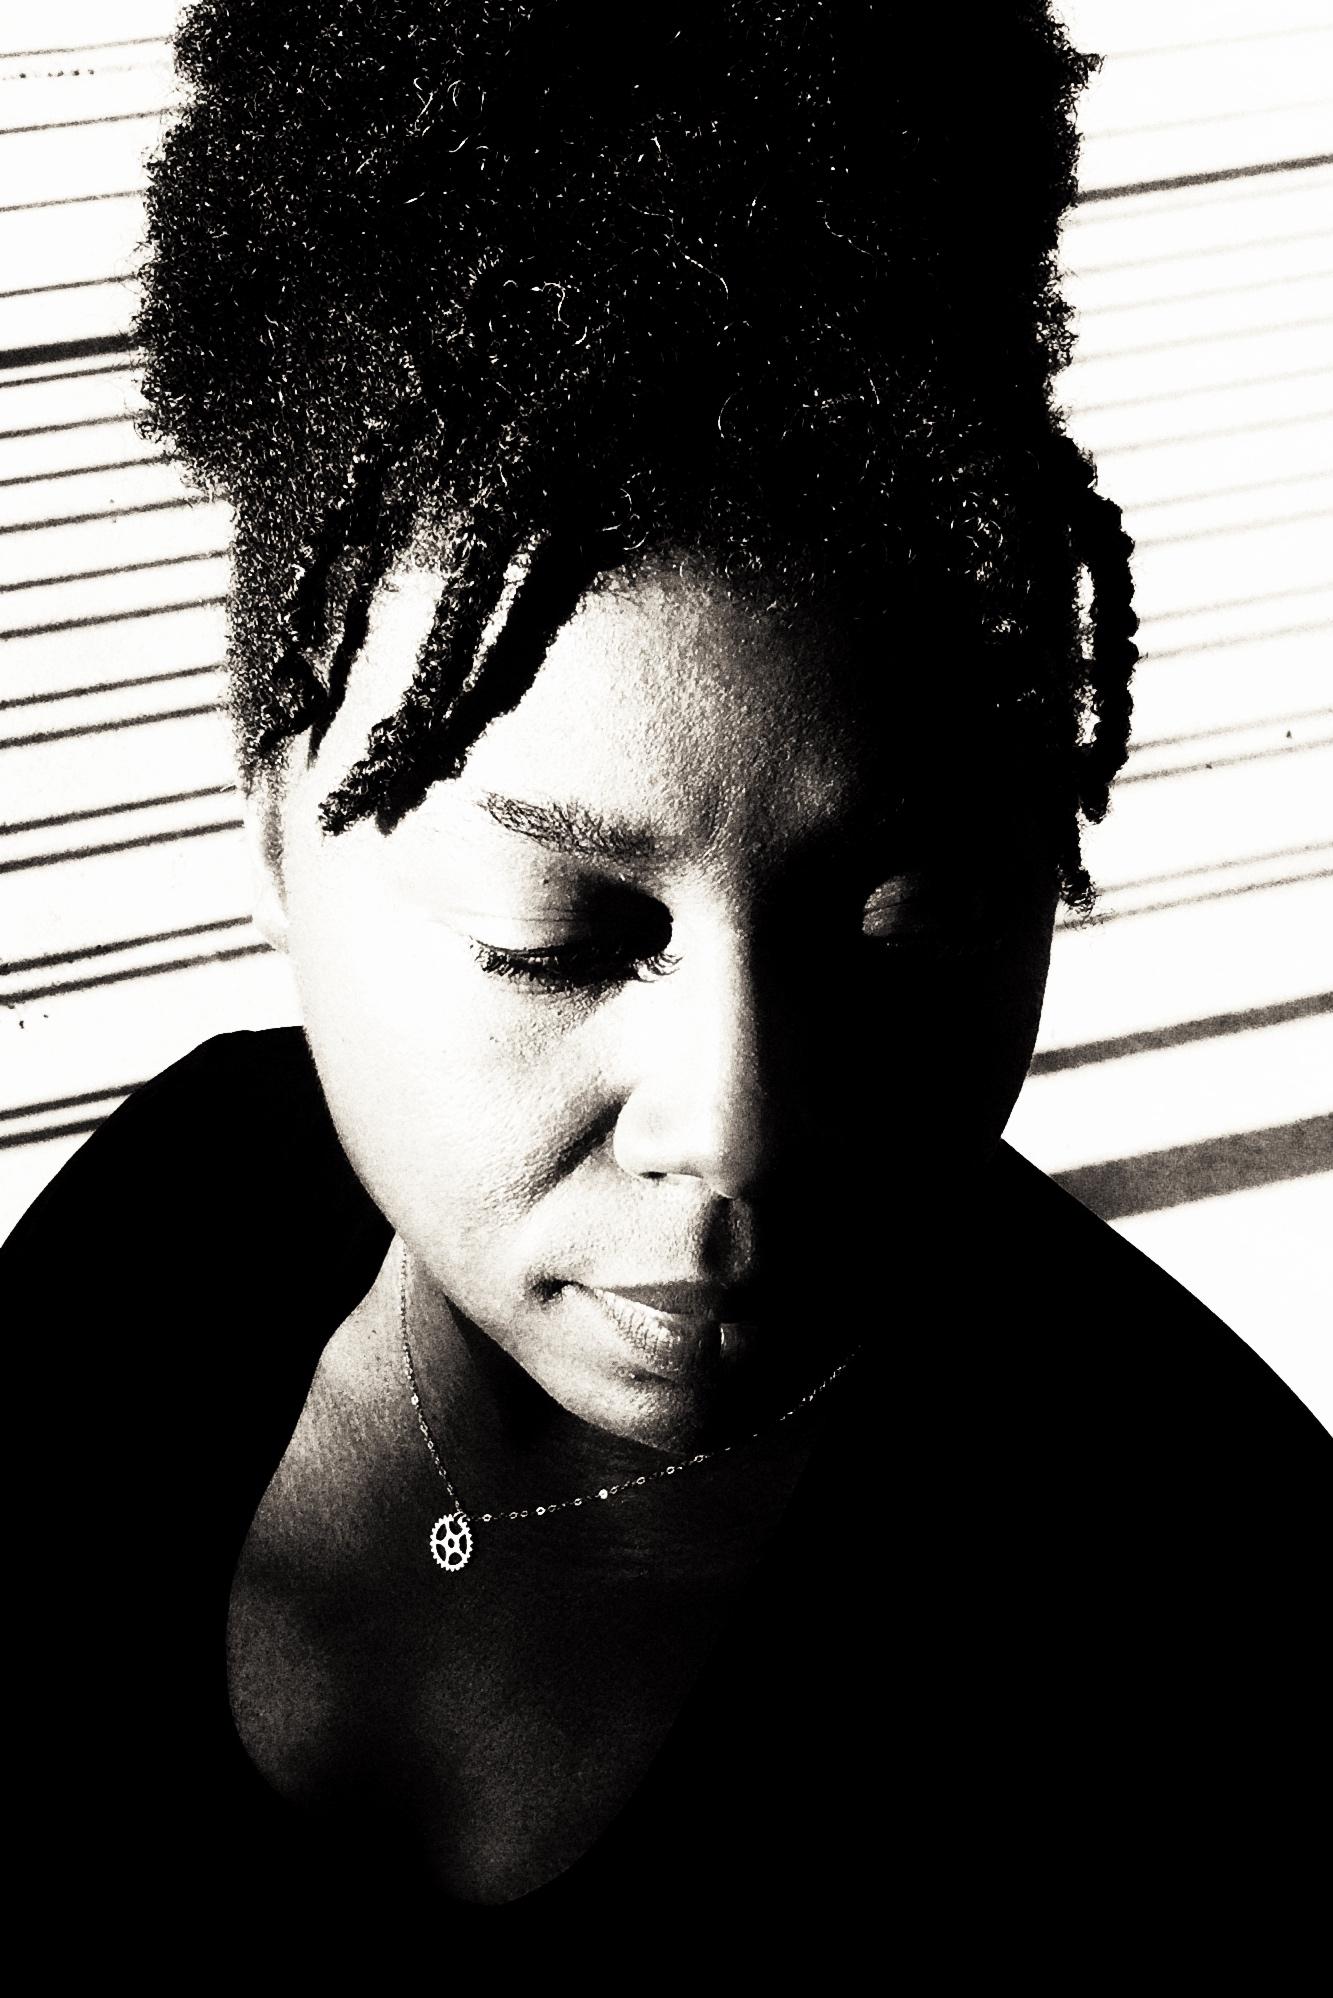 Sherri L Smith Author Photo - B&W.jpg